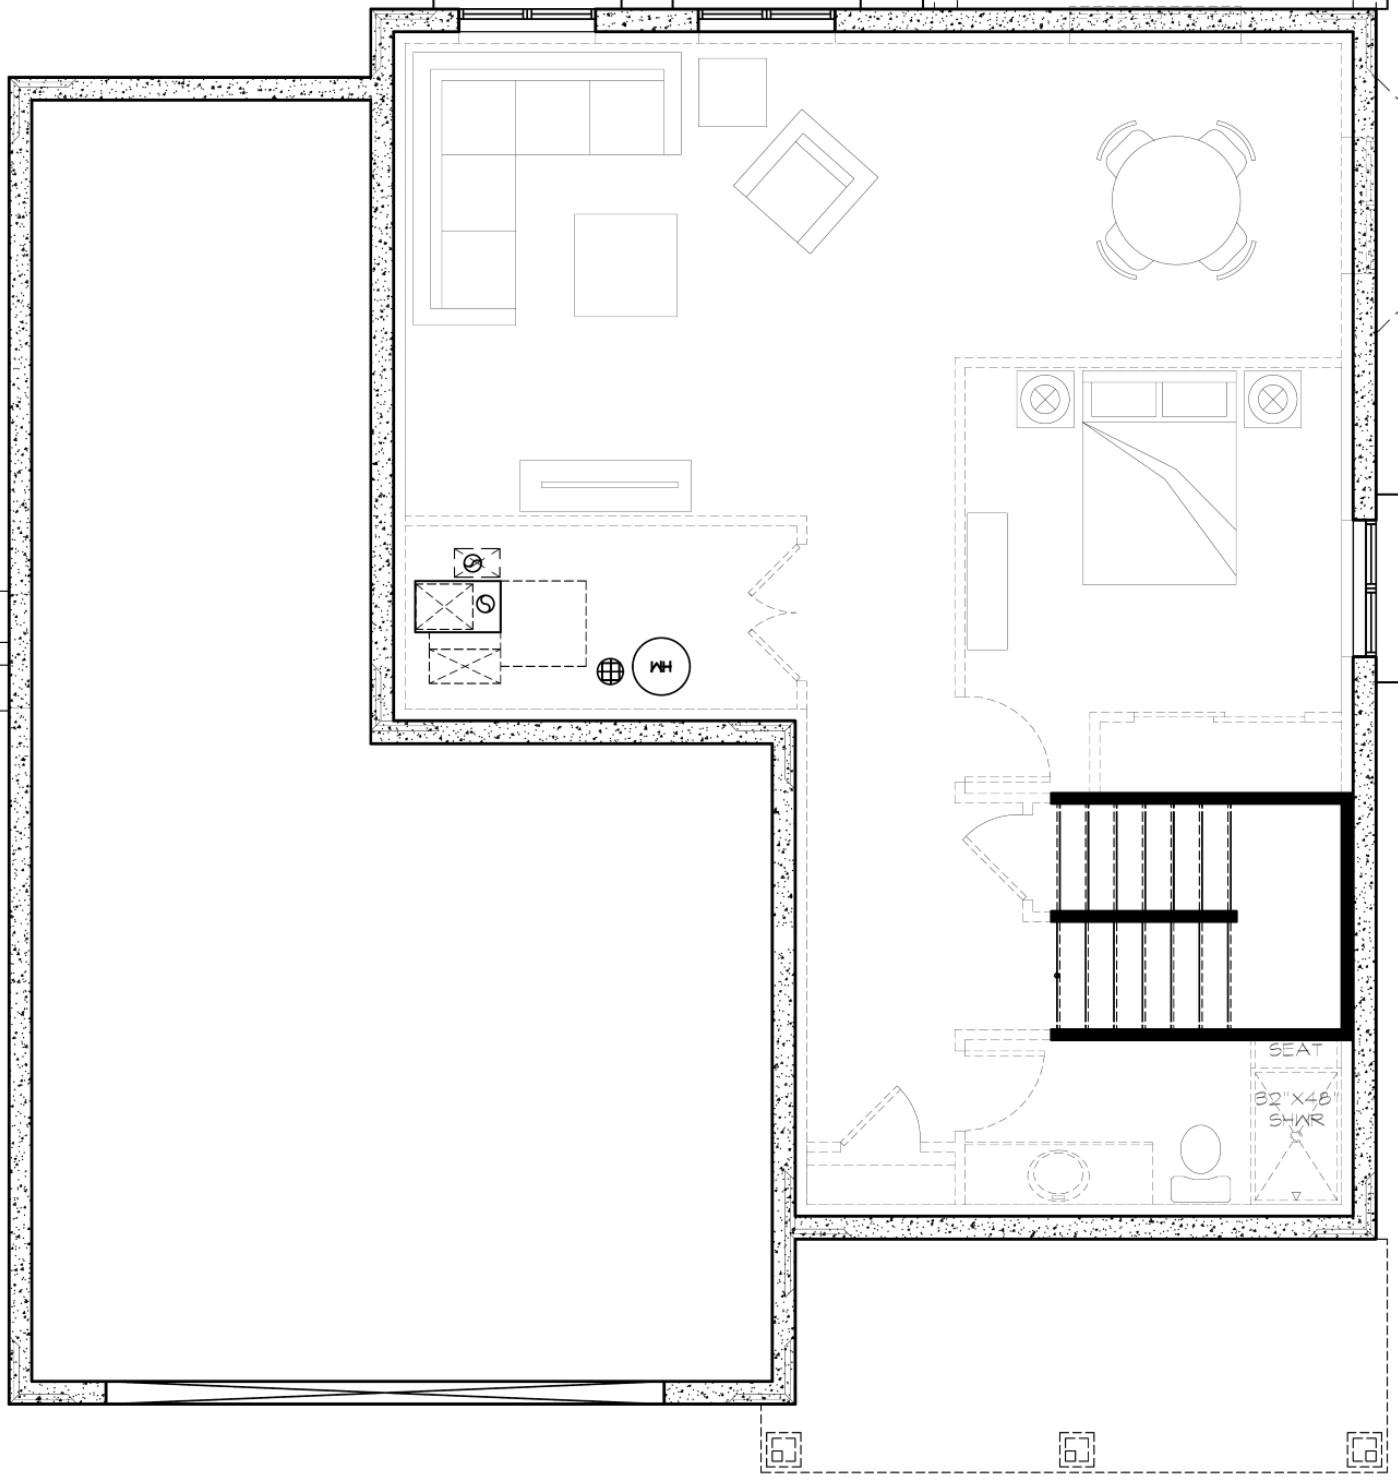 Glendale_basement_plan_7-12-15